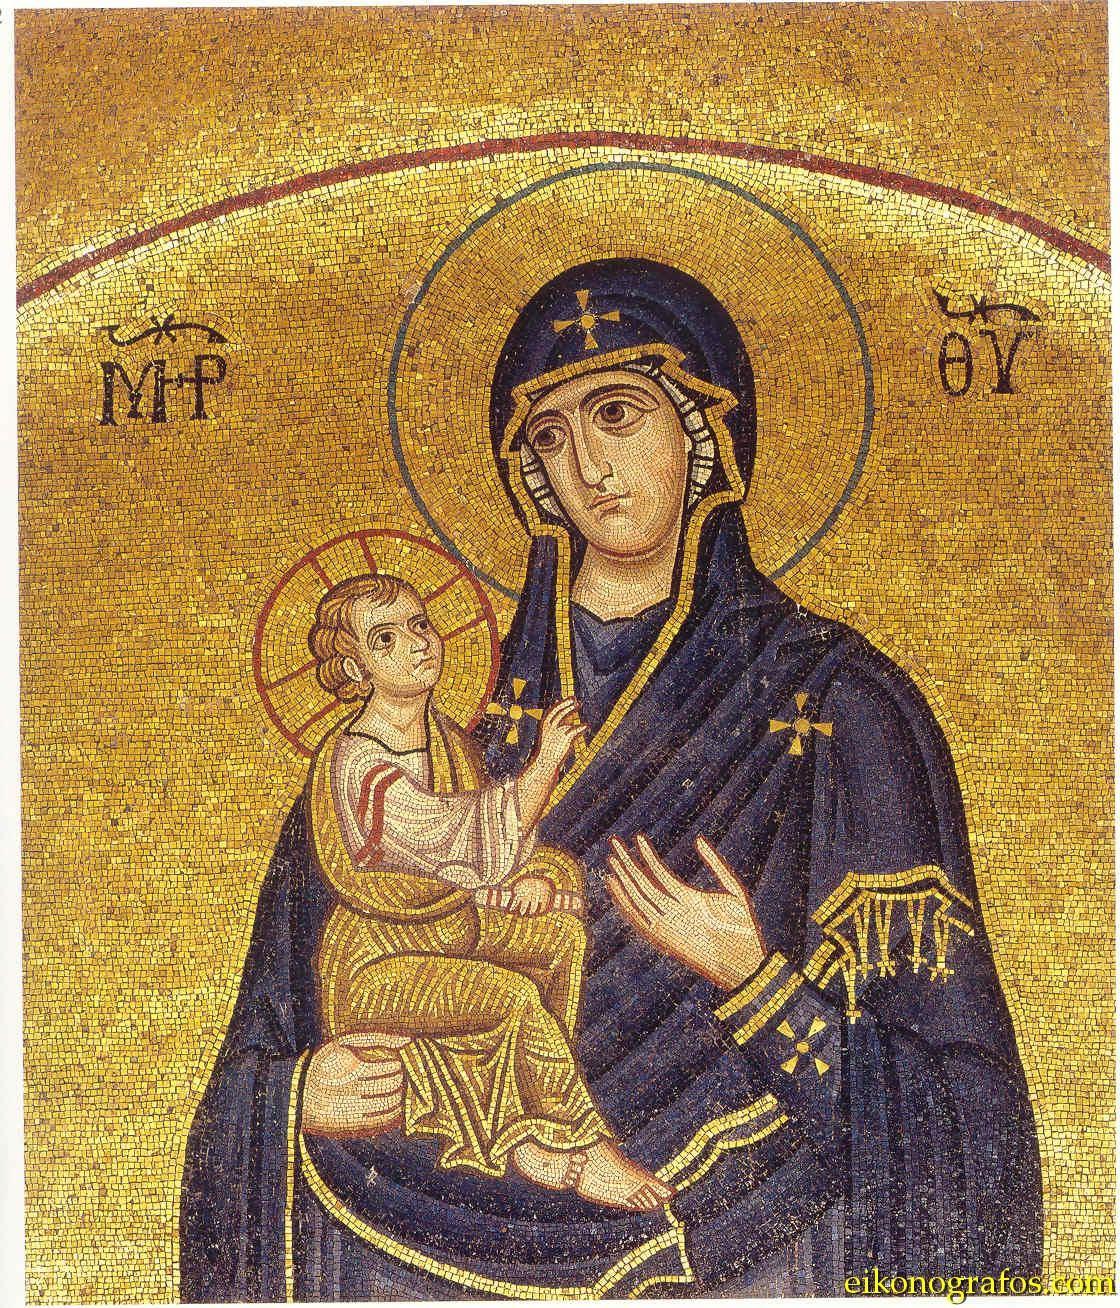 Изображение воспроизводится по изданию: Chatzidakis N. Hosios Loukas: Mosaics - Wall Paintings.  Athens: Melissa, 1997.